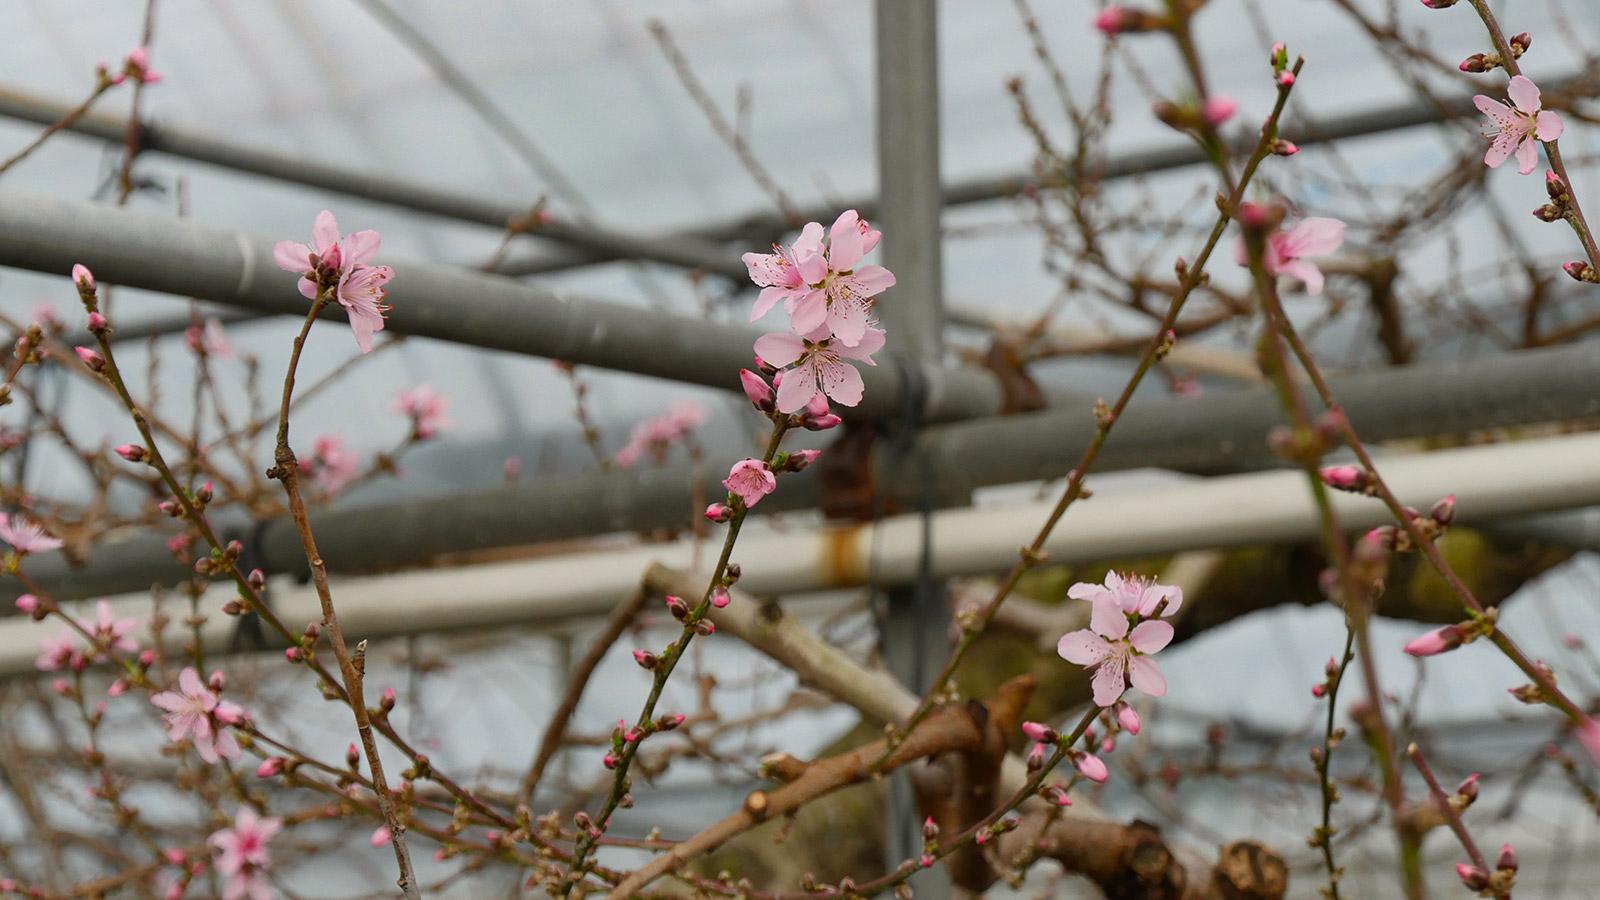 このハウス園内の桃は、日川白鳳という品種ですが、桃の品種の中では早生品種です。